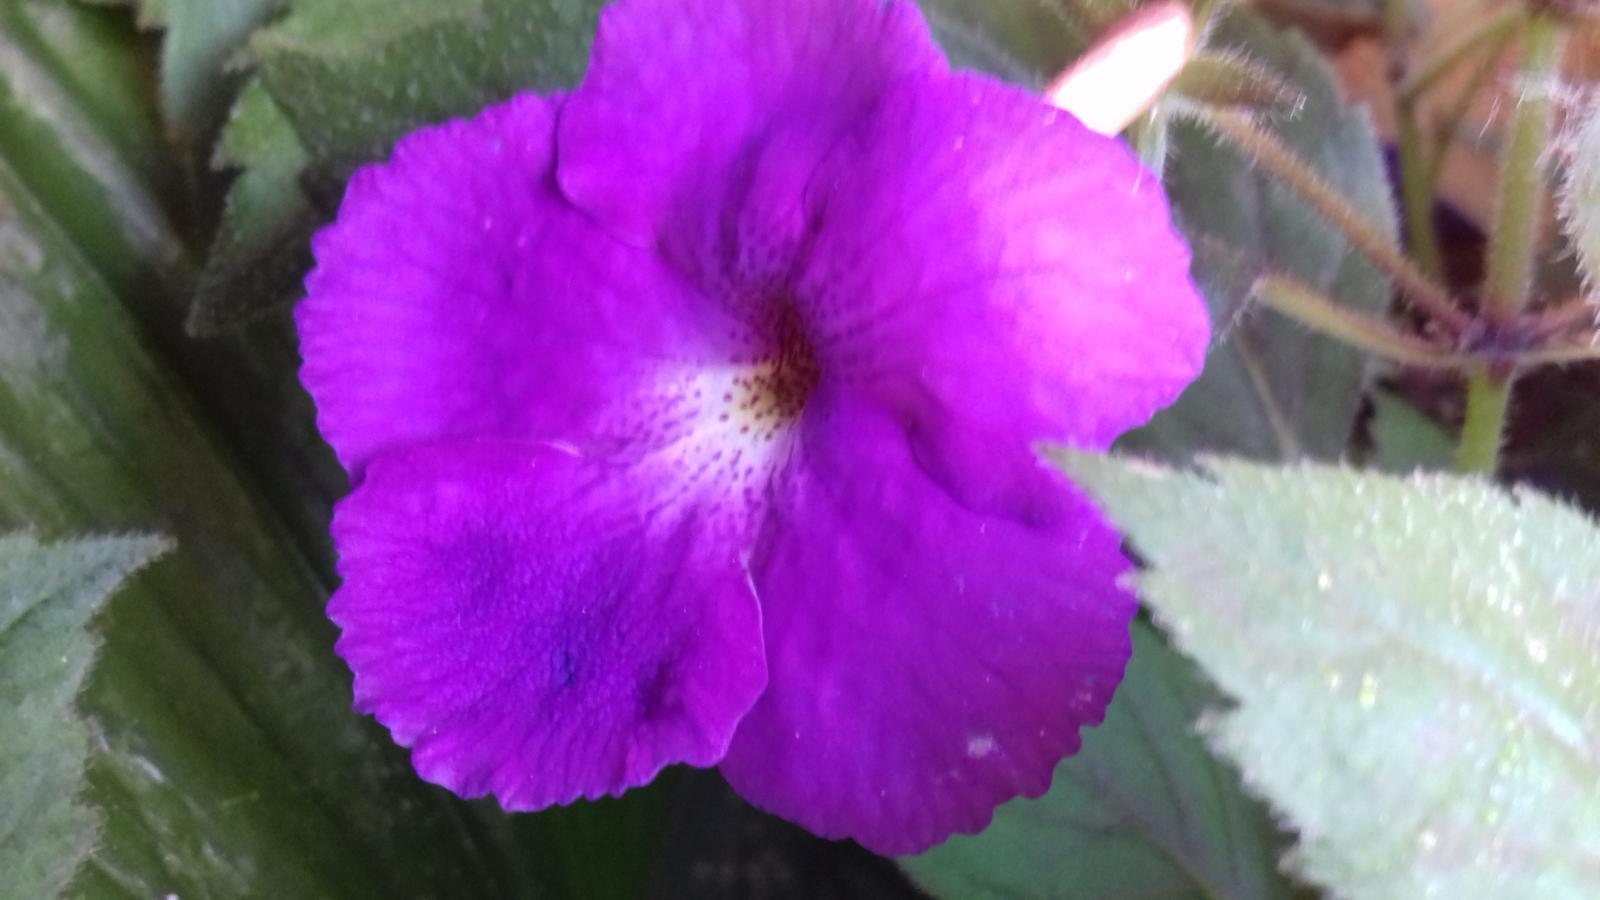 Achimenes rastliny - Obrázok č. 1